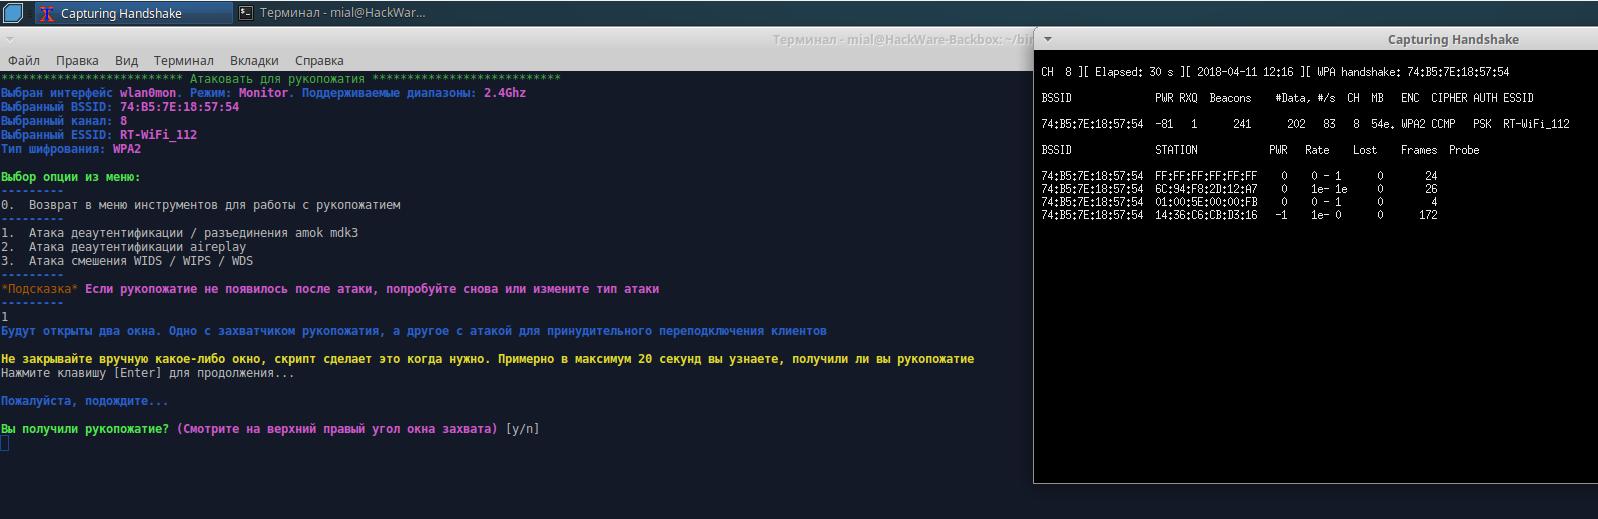 Знакомство с BackBox Linux: обзор, установка, подсказки по